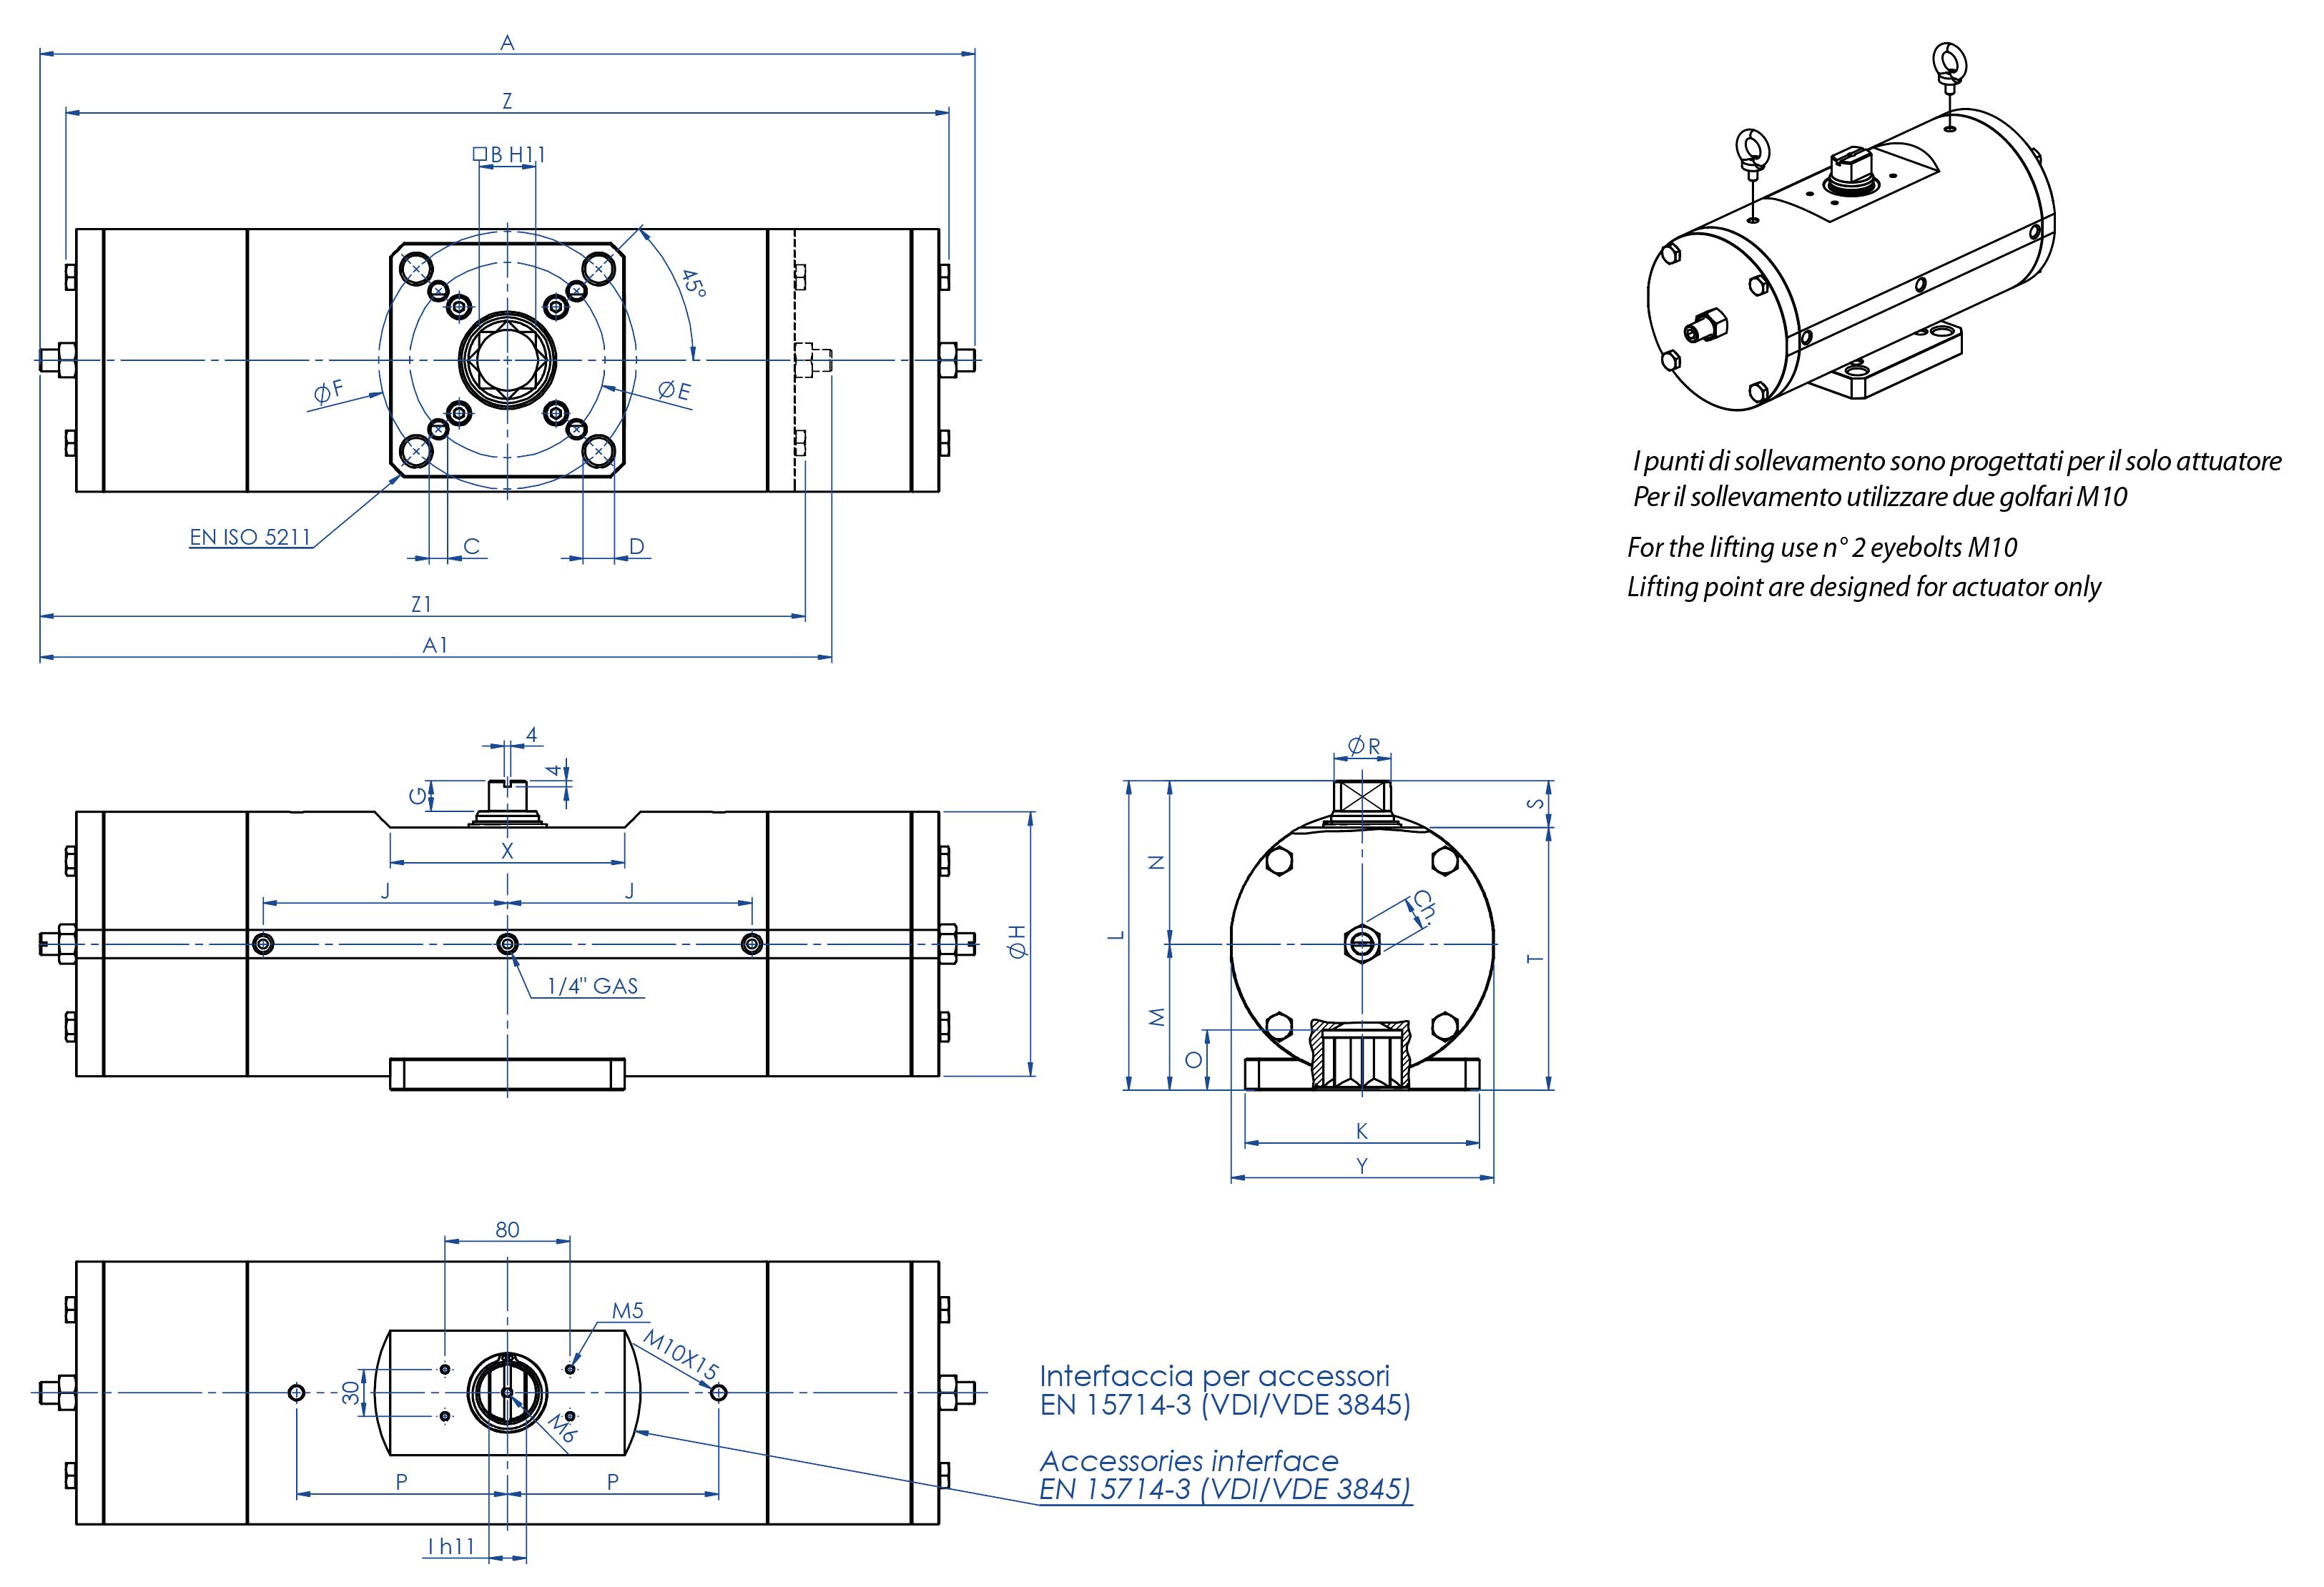 Actionneur pneumatique simple effet GS inox 316 de barre continue - dimensions -